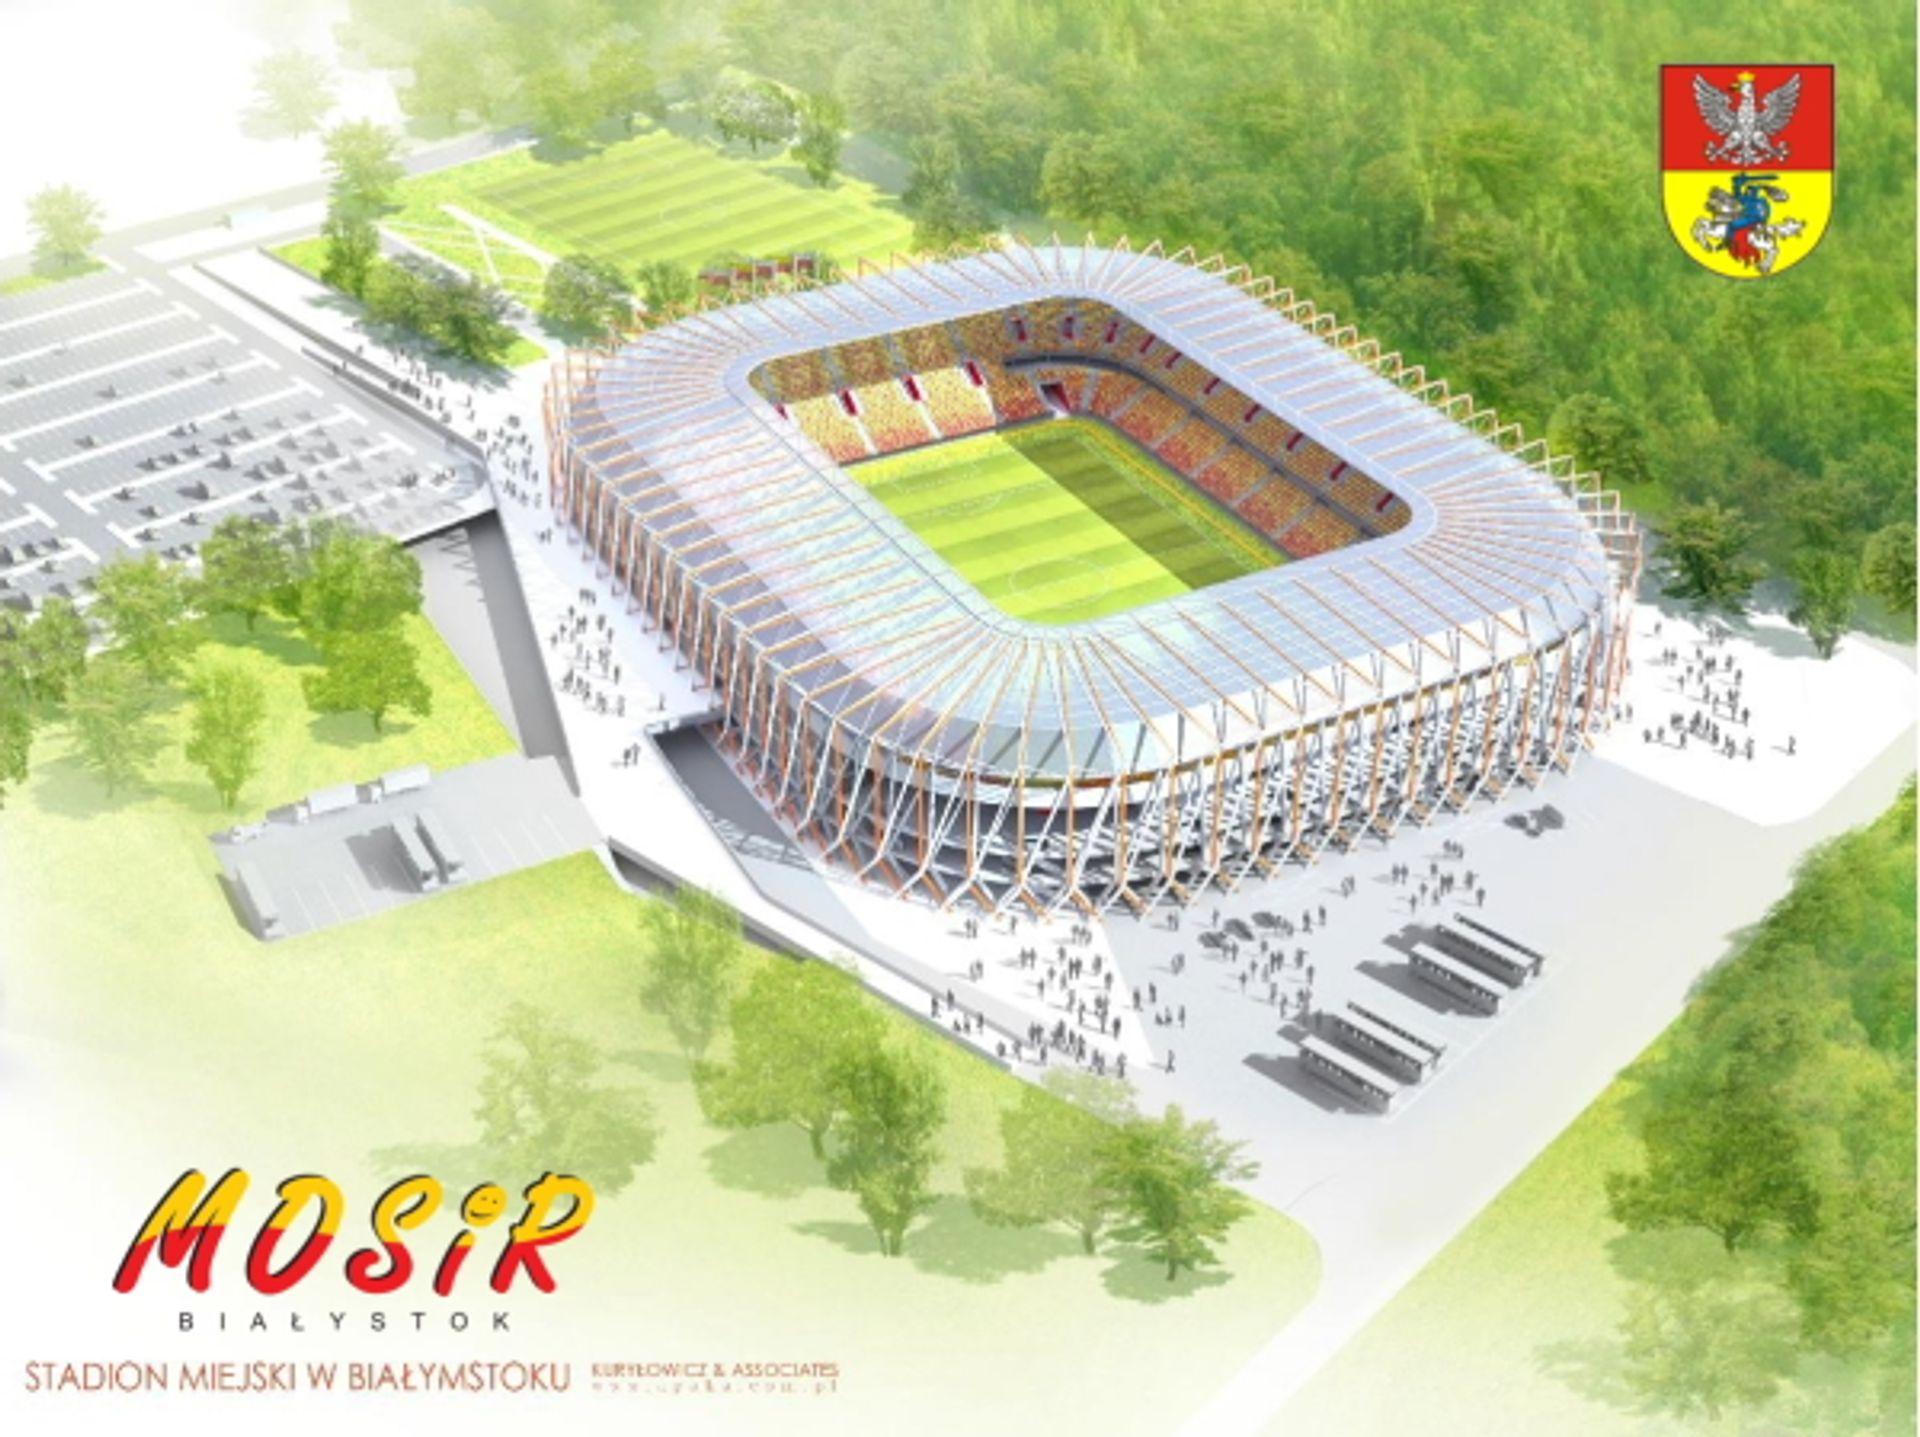 [Białystok] Zakończenie przetargu na budowę stadionu?